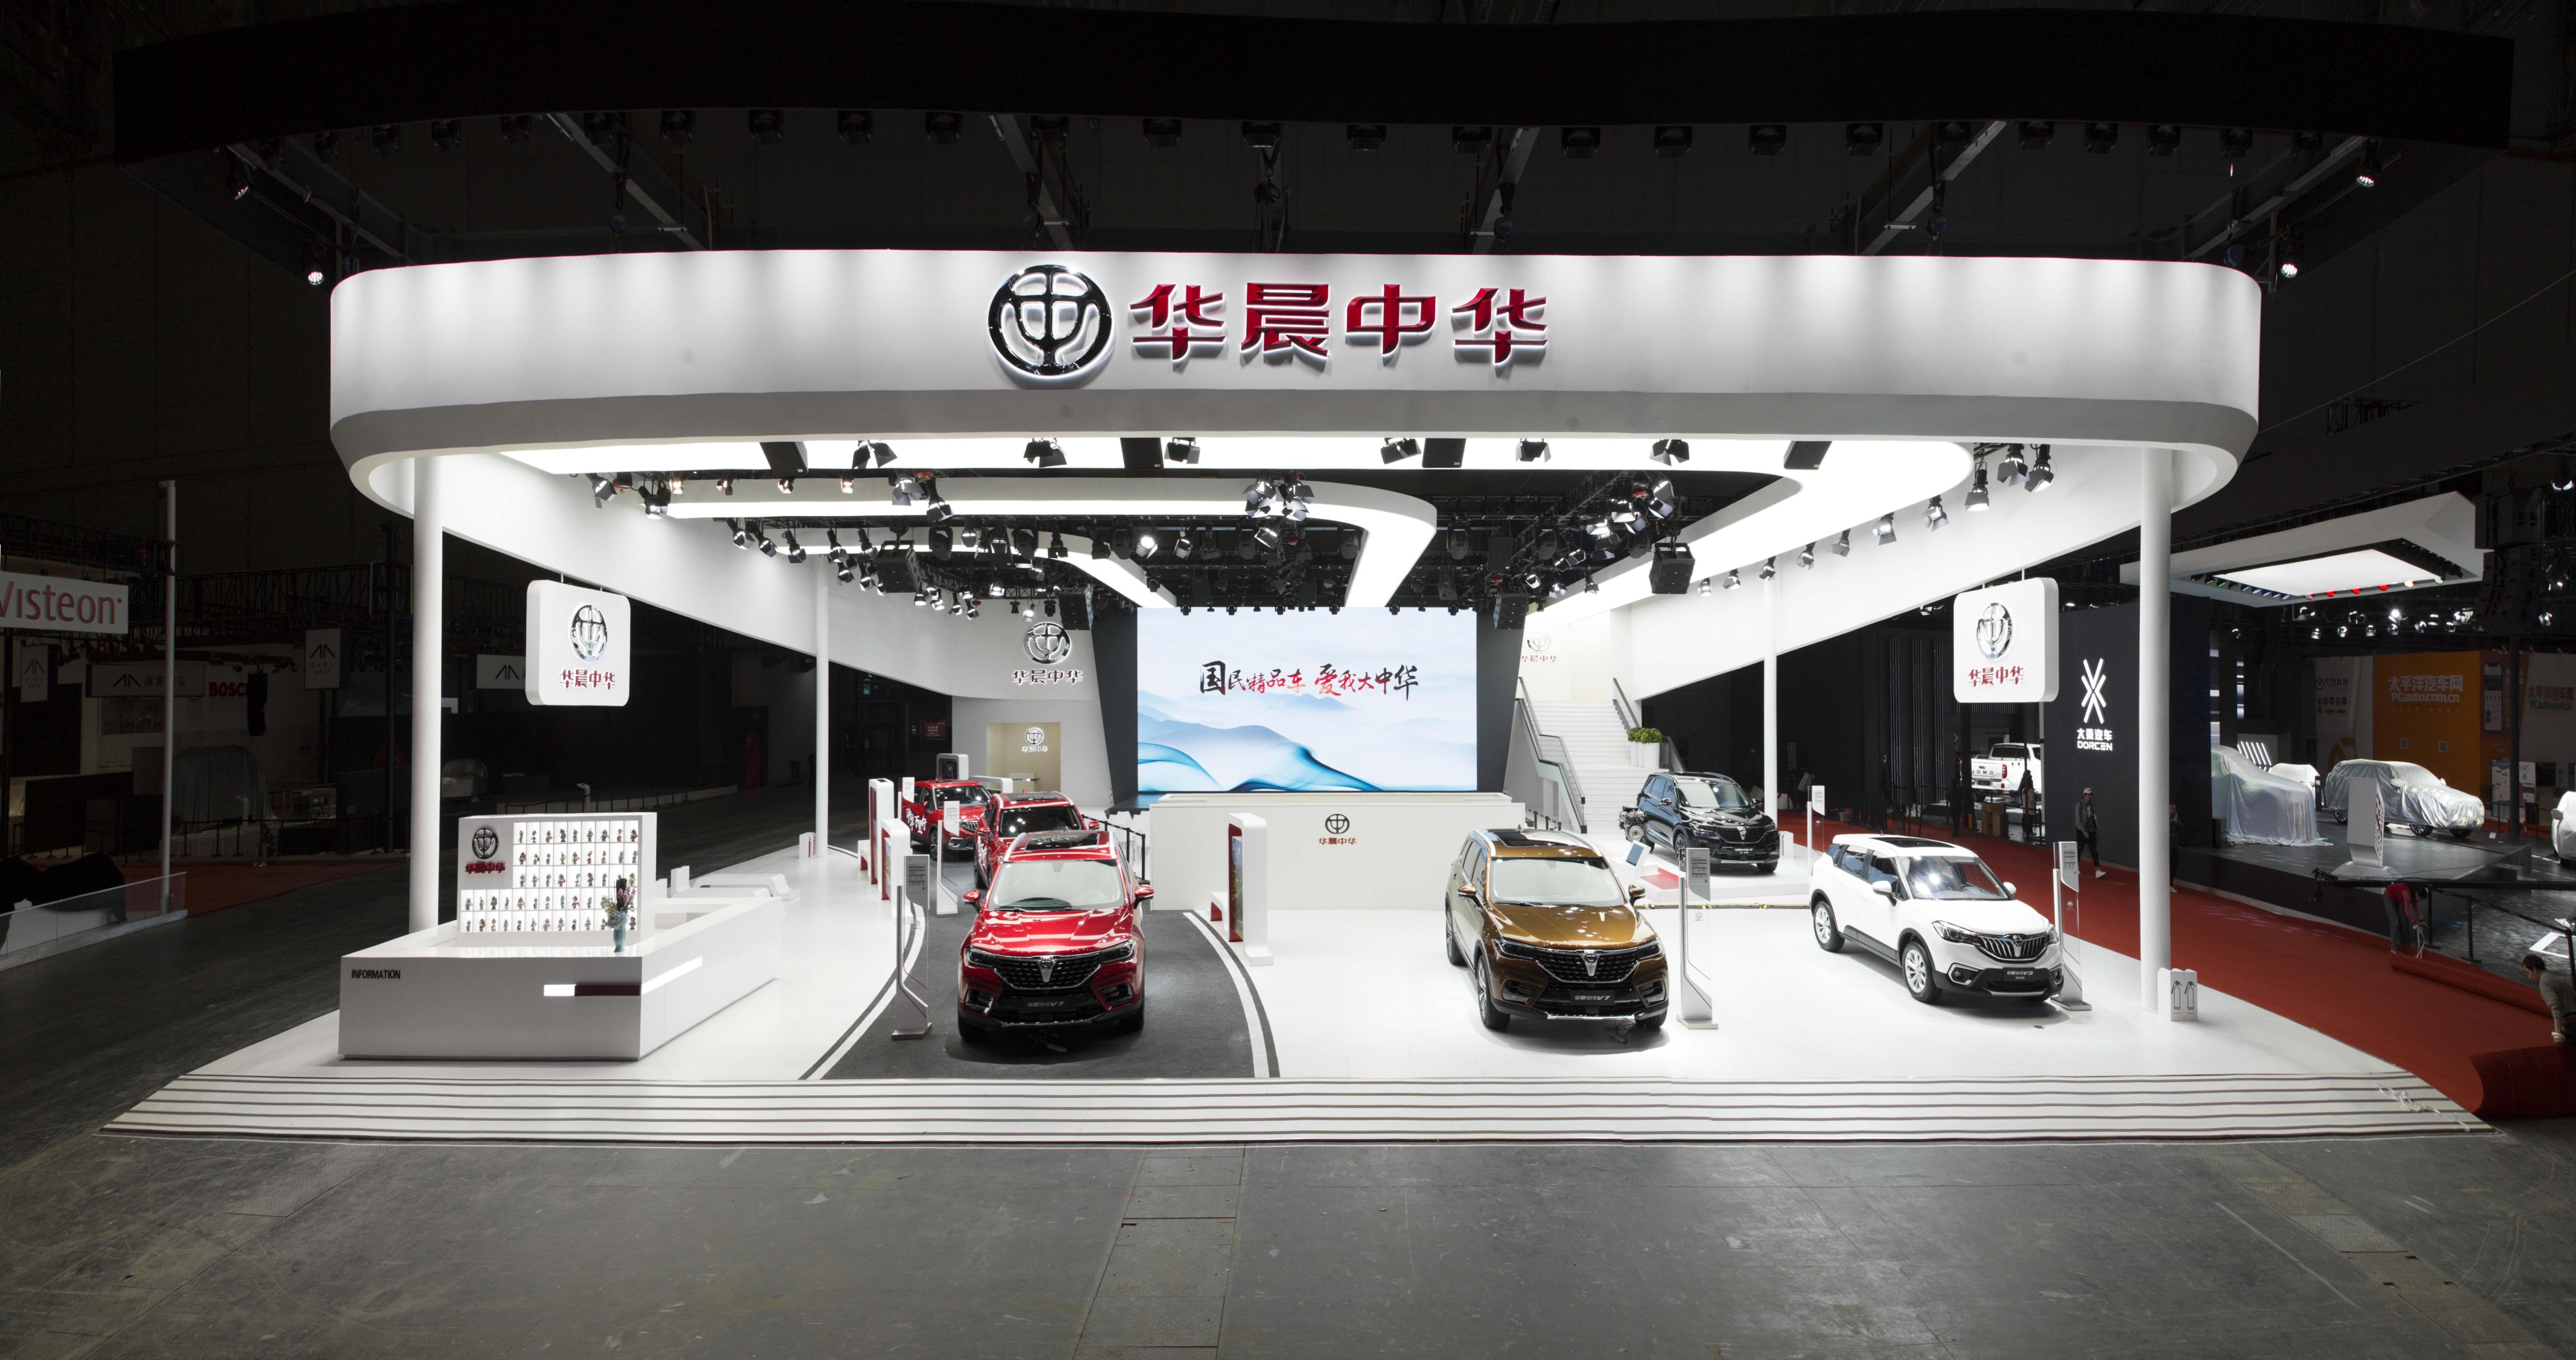 華晨中華上海車展精進服務升級 打造用戶完美用車體驗